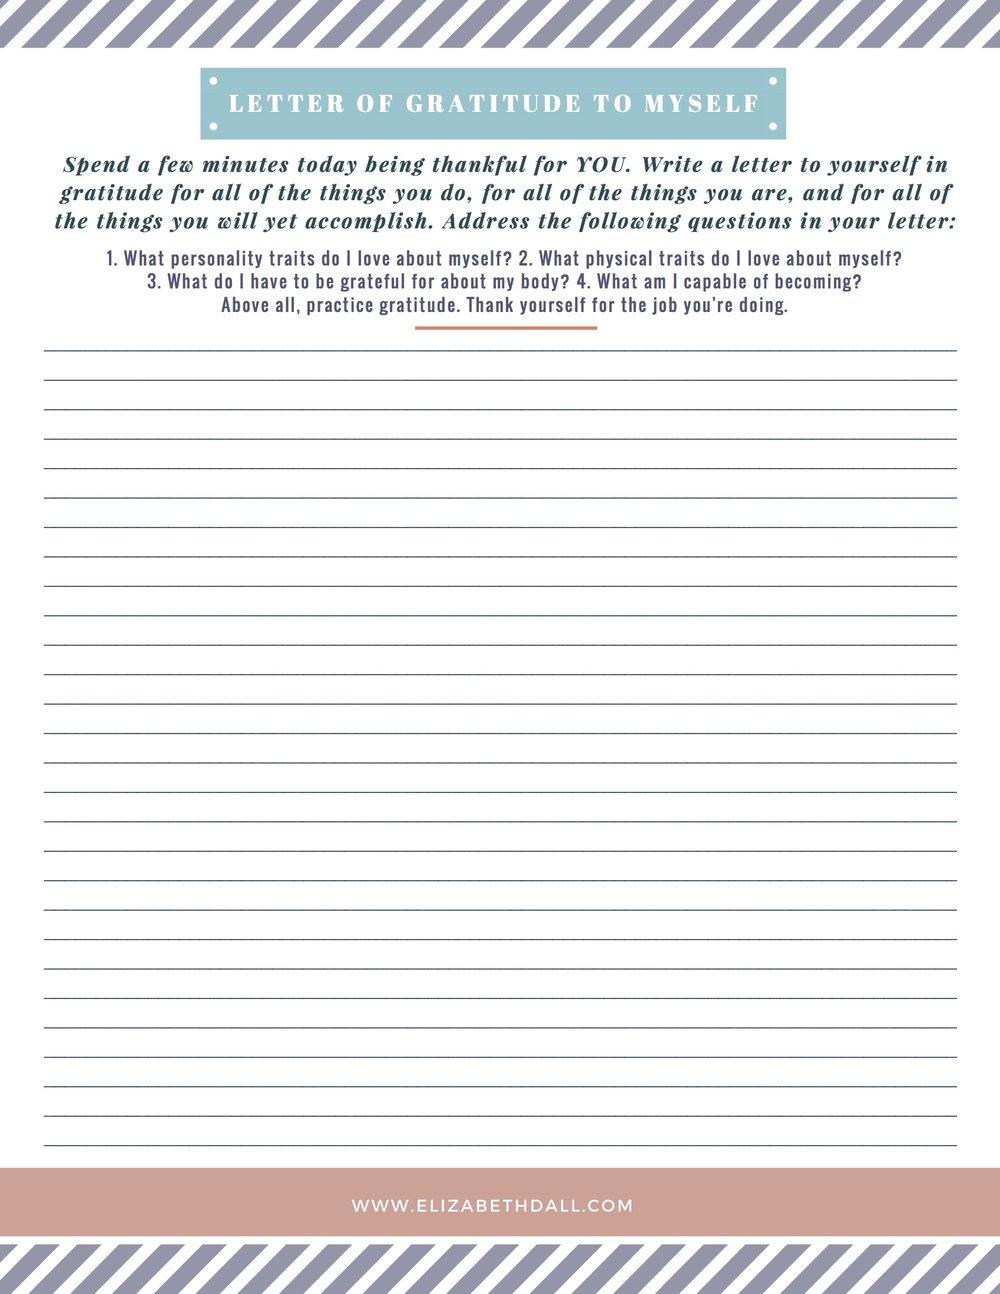 letter of gratitude worksheet.jpg